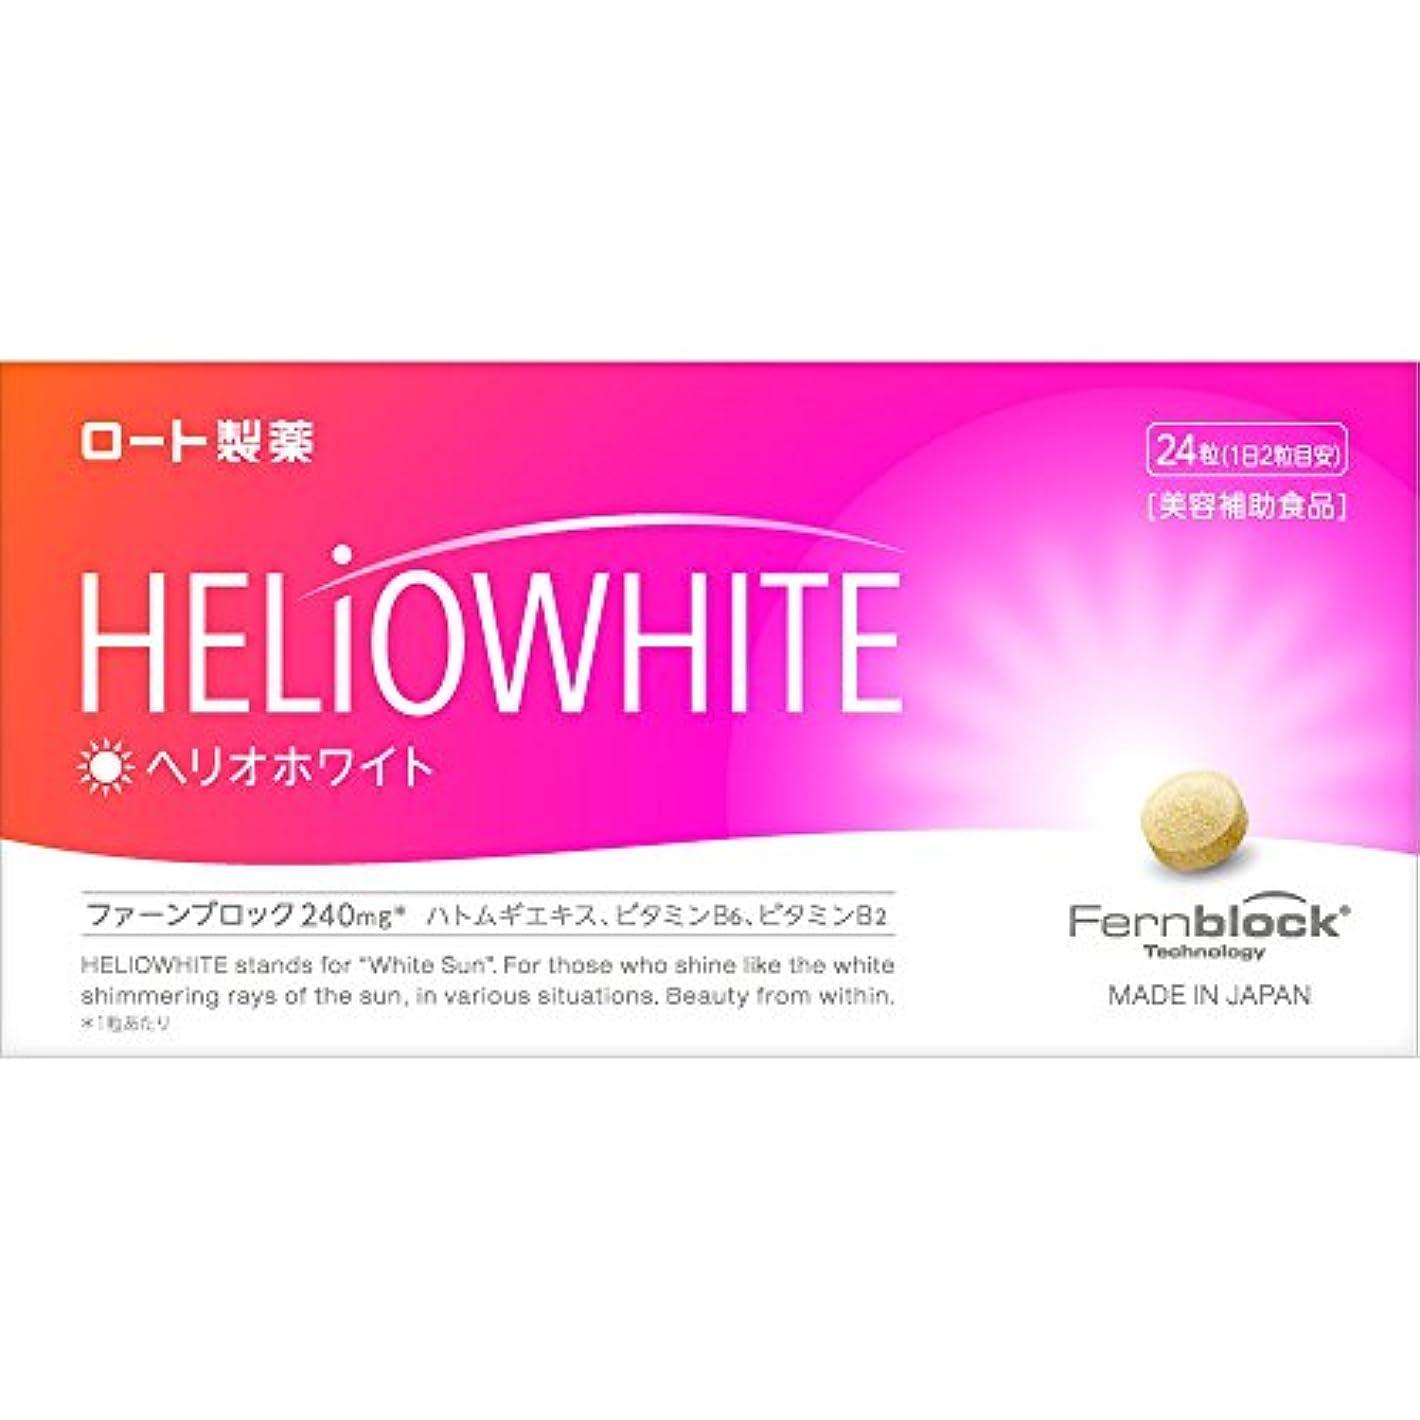 認める振り子最も早いロート製薬 ヘリオホワイト 24粒 シダ植物抽出成分 ファーンブロック Fernblock 240mg 配合 美容補助食品